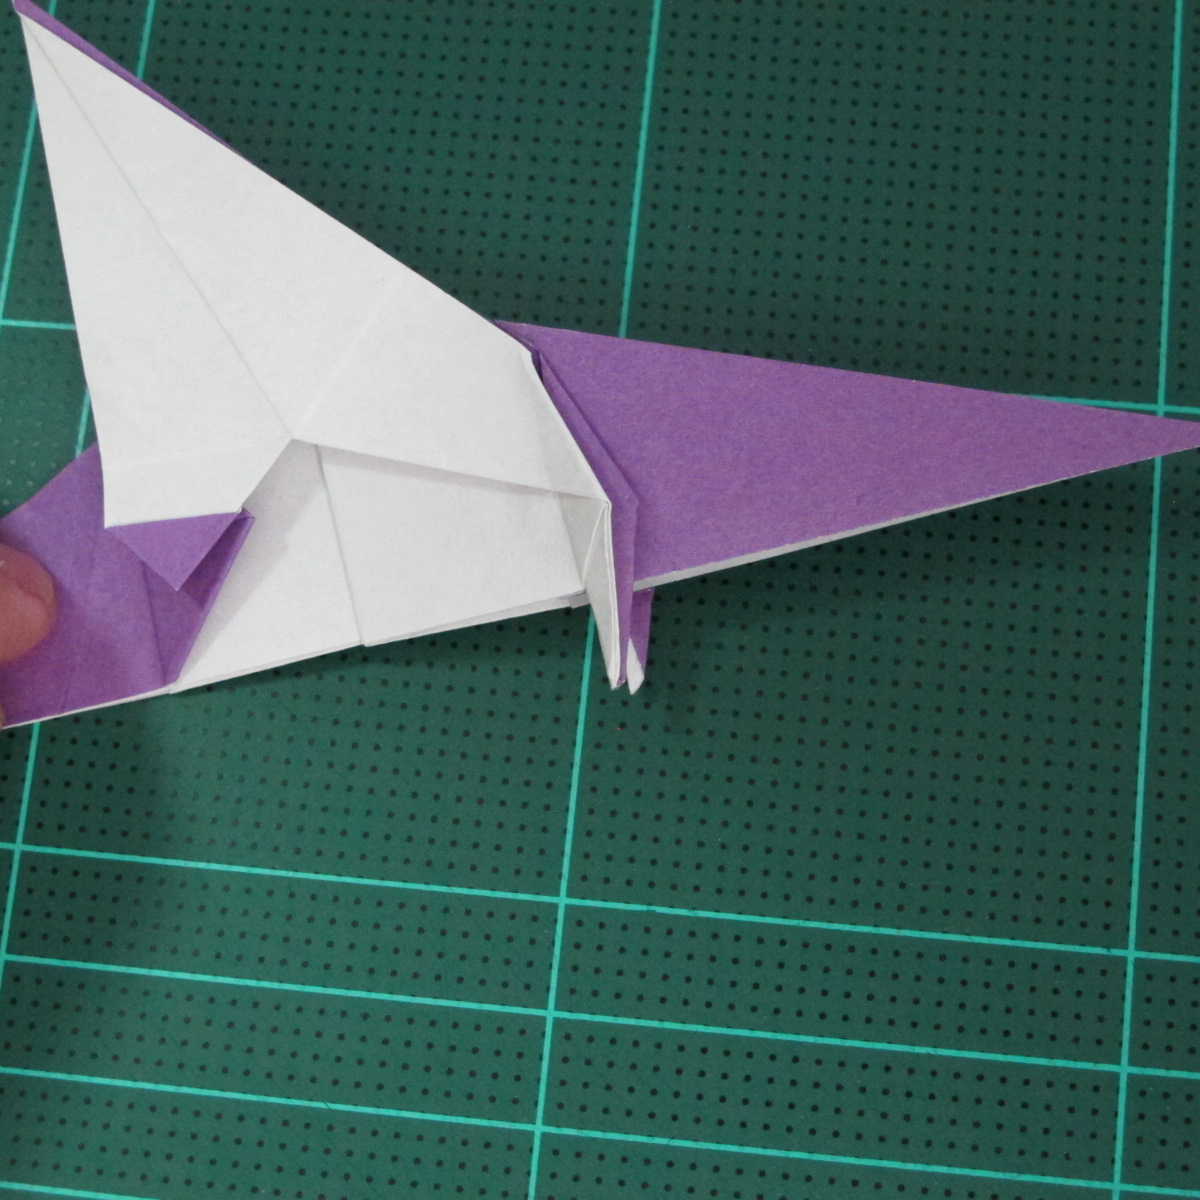 วิธีพับกระดาษเป็นรูปนกอินทรี (Origami Eagle) 027